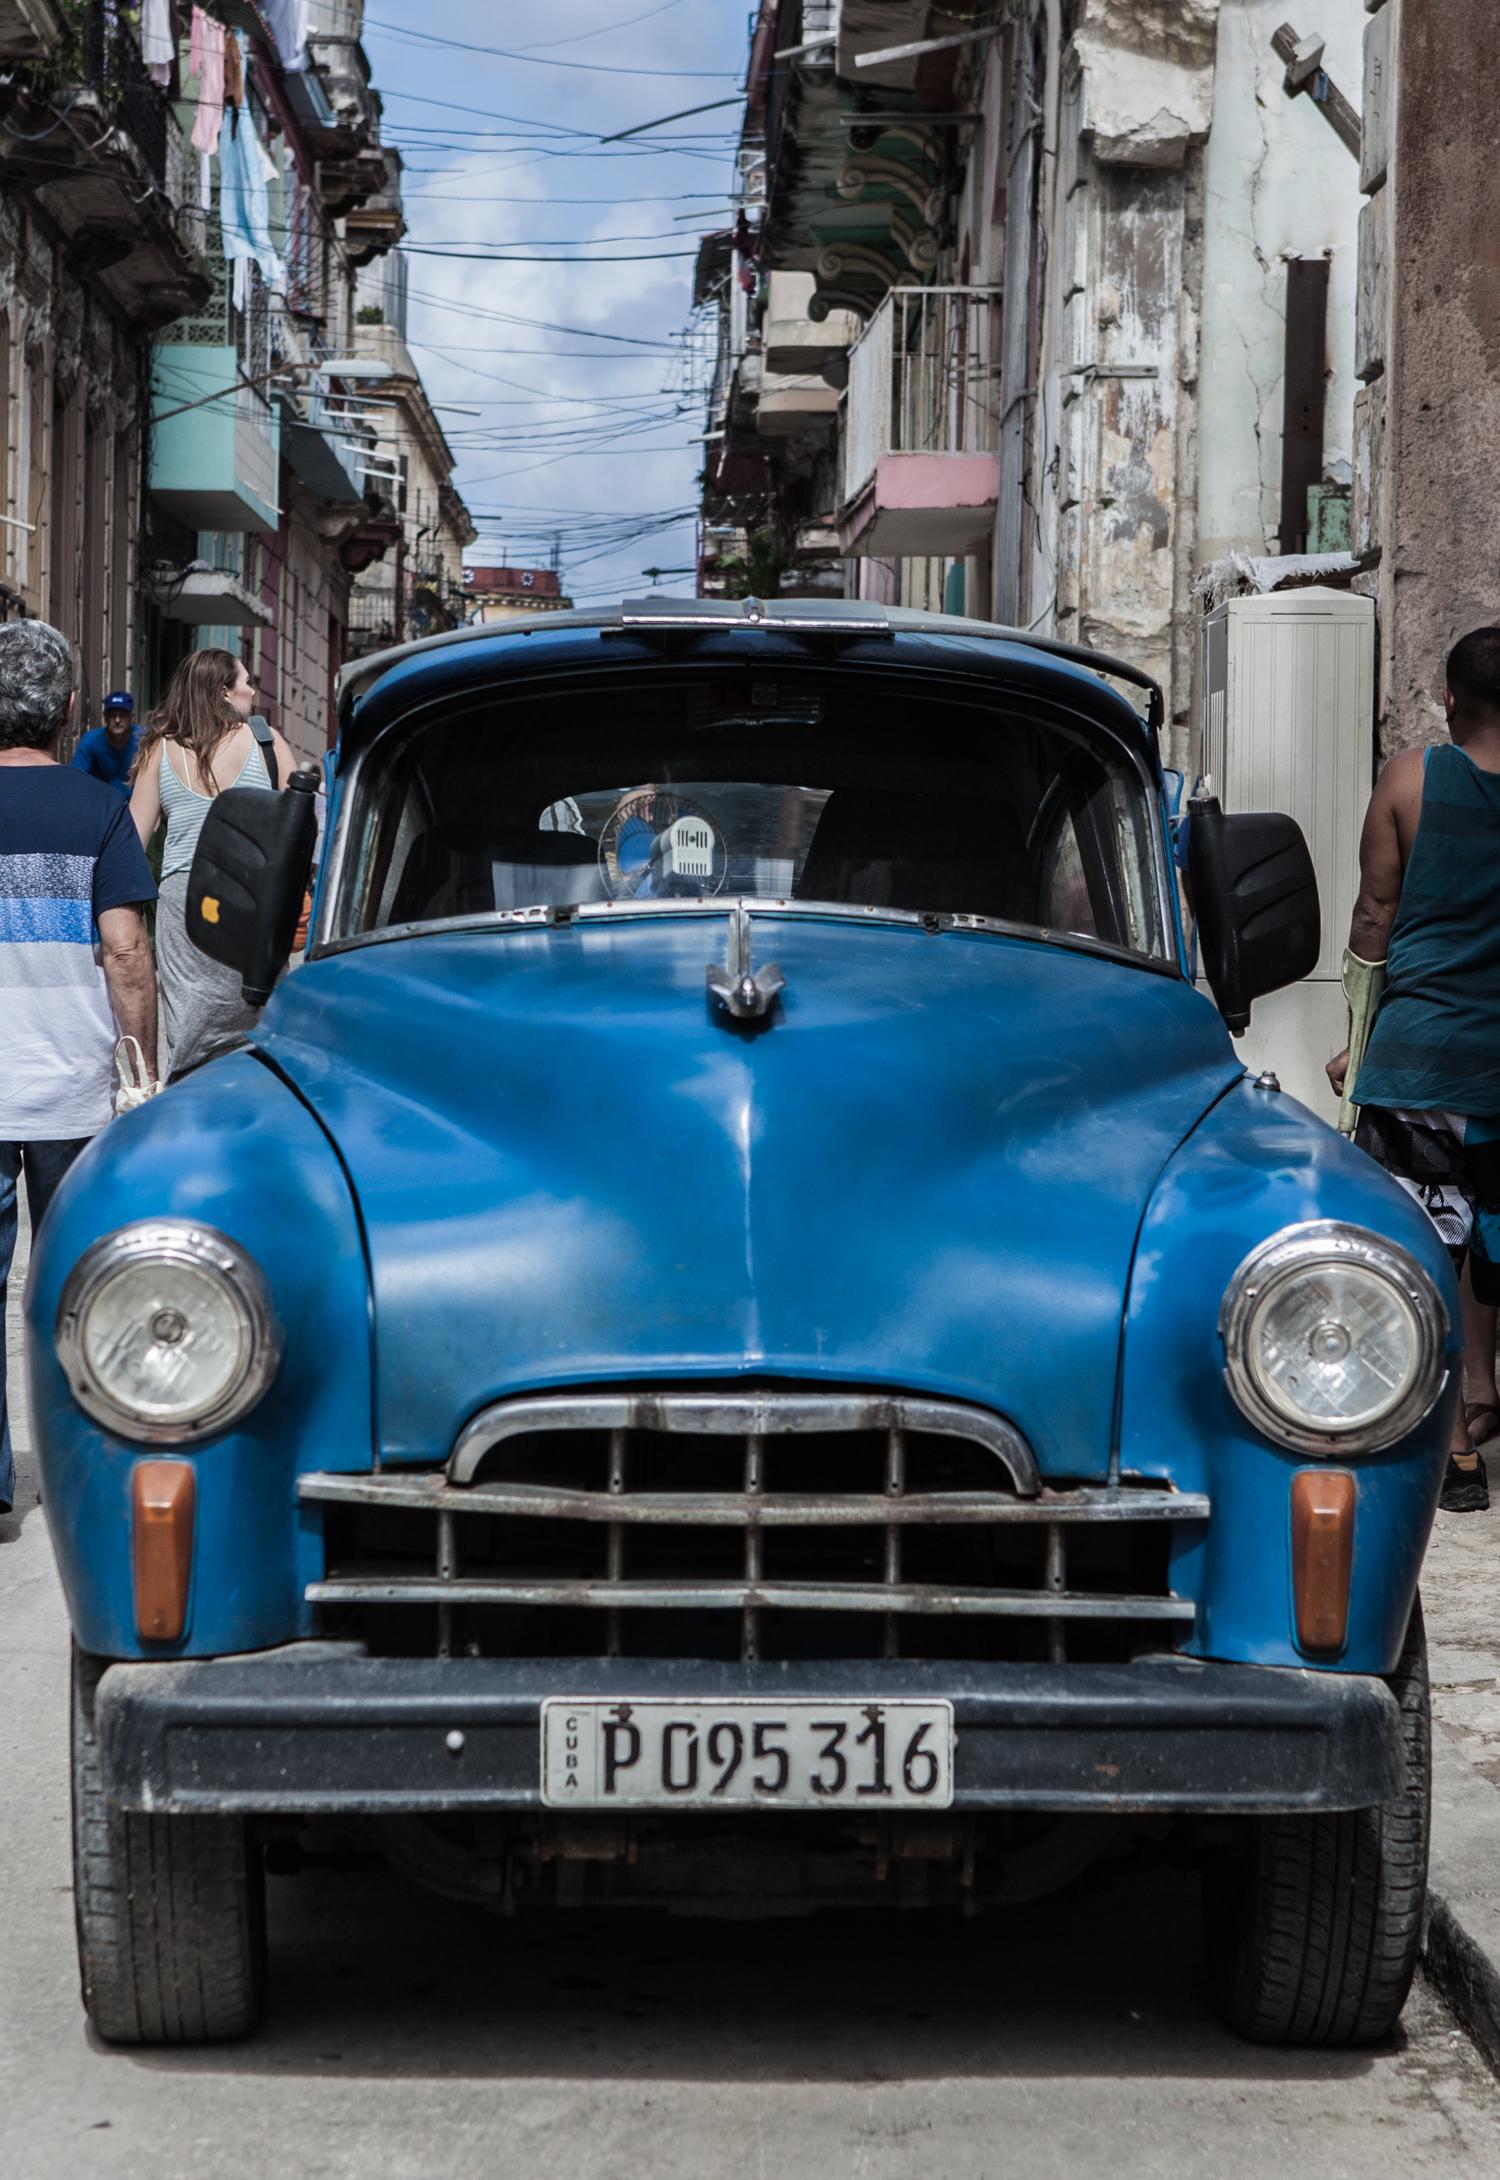 Cuba_2017-11-11-8580.jpg